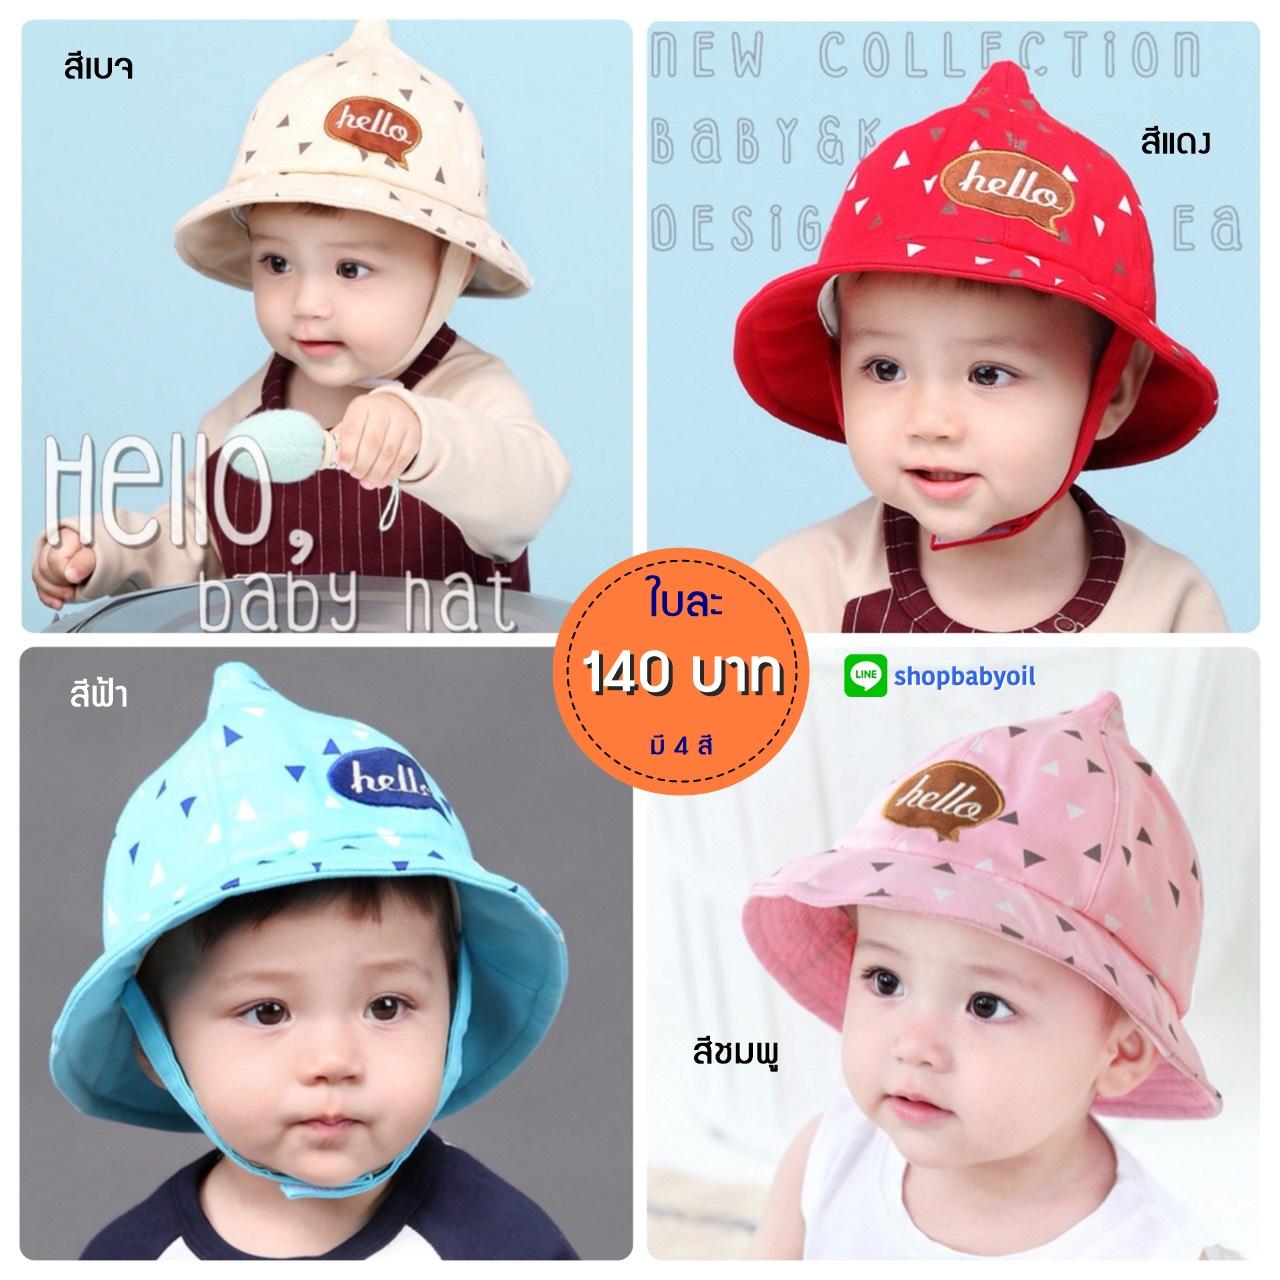 หมวกเด็กปีกกว้าง หมวกเด็กปีกรอบ หมวกซันเดย์ ลาย Hello (มี 5 สี)